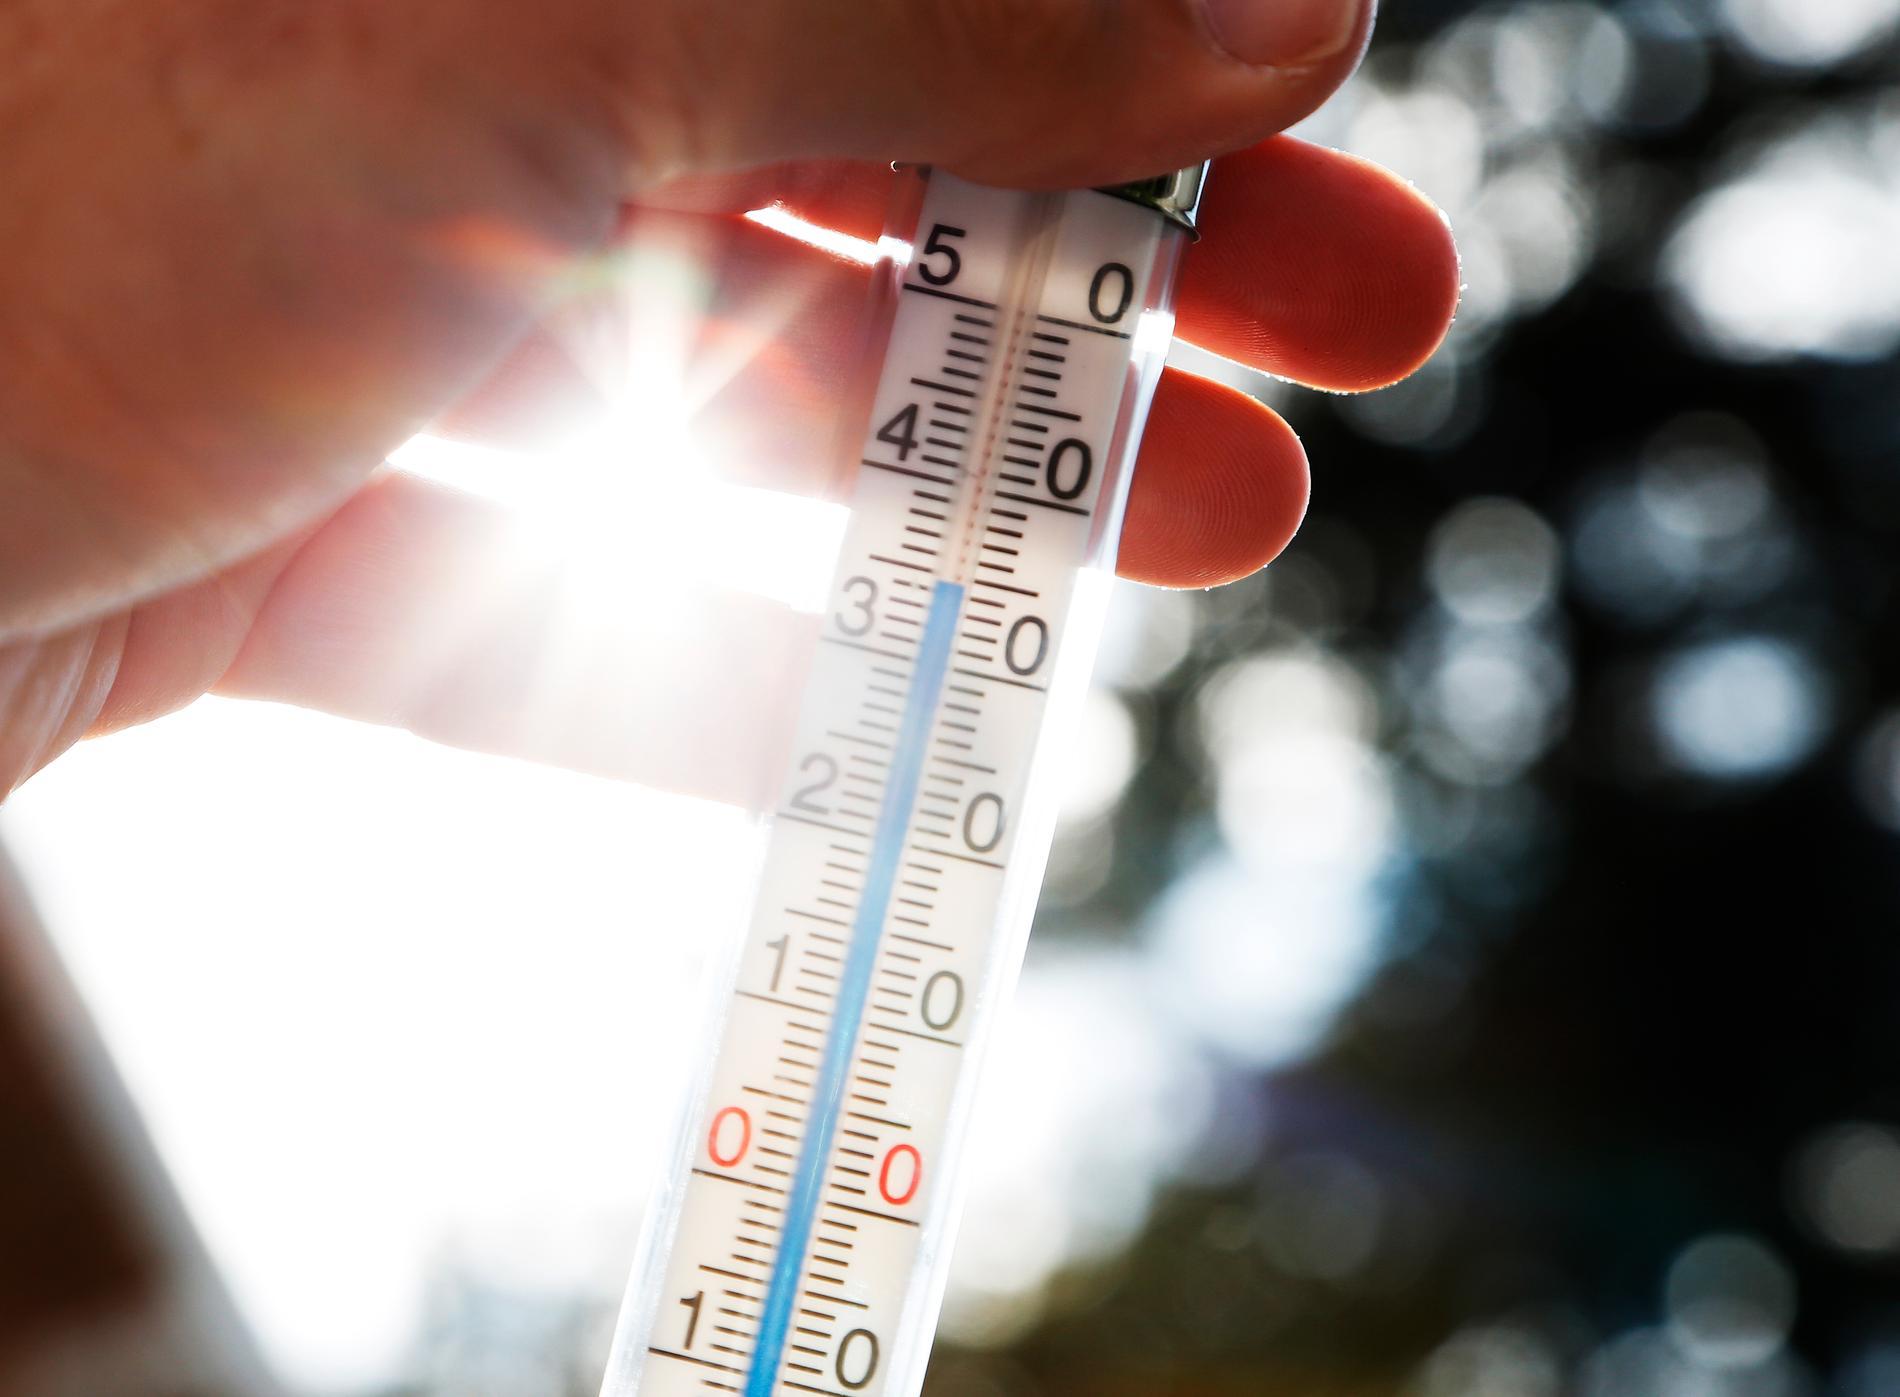 Enligt SMHI:s prognoser kan temperaturen bli så hög som 35 grader i flera delar av mellersta Sverige.